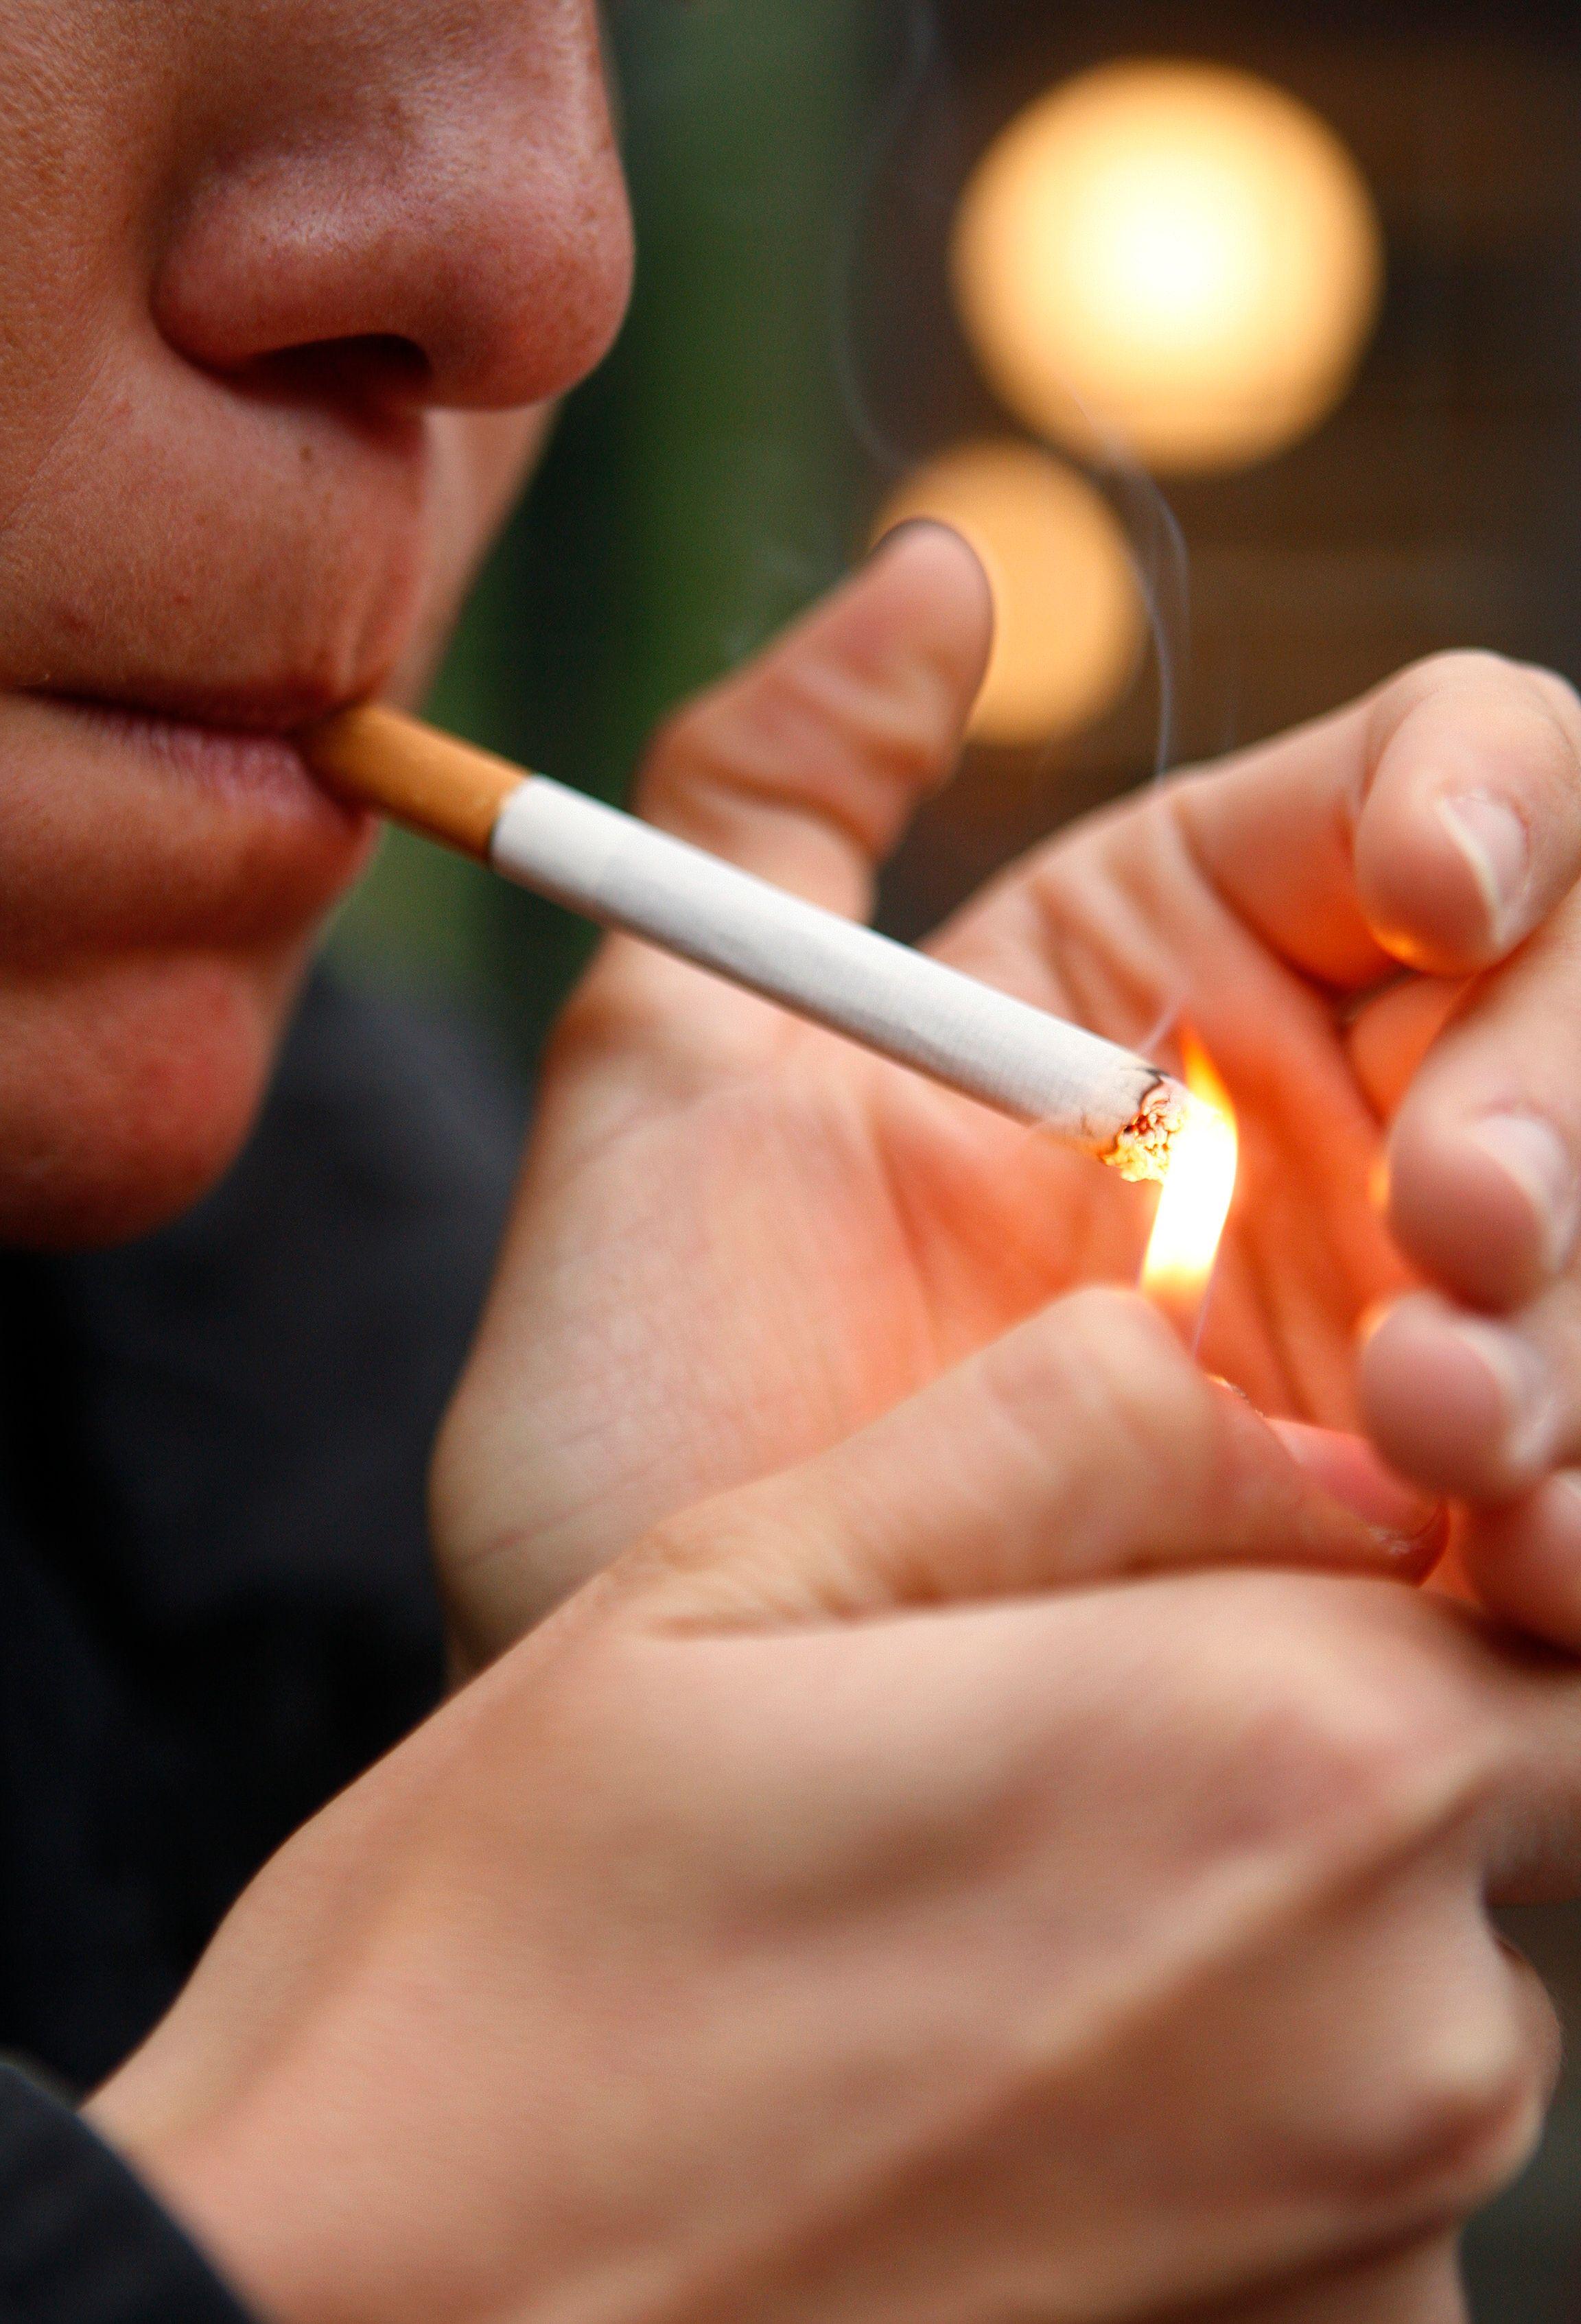 La lutte contre tabagisme, principal axe du plan cancer de François Hollande